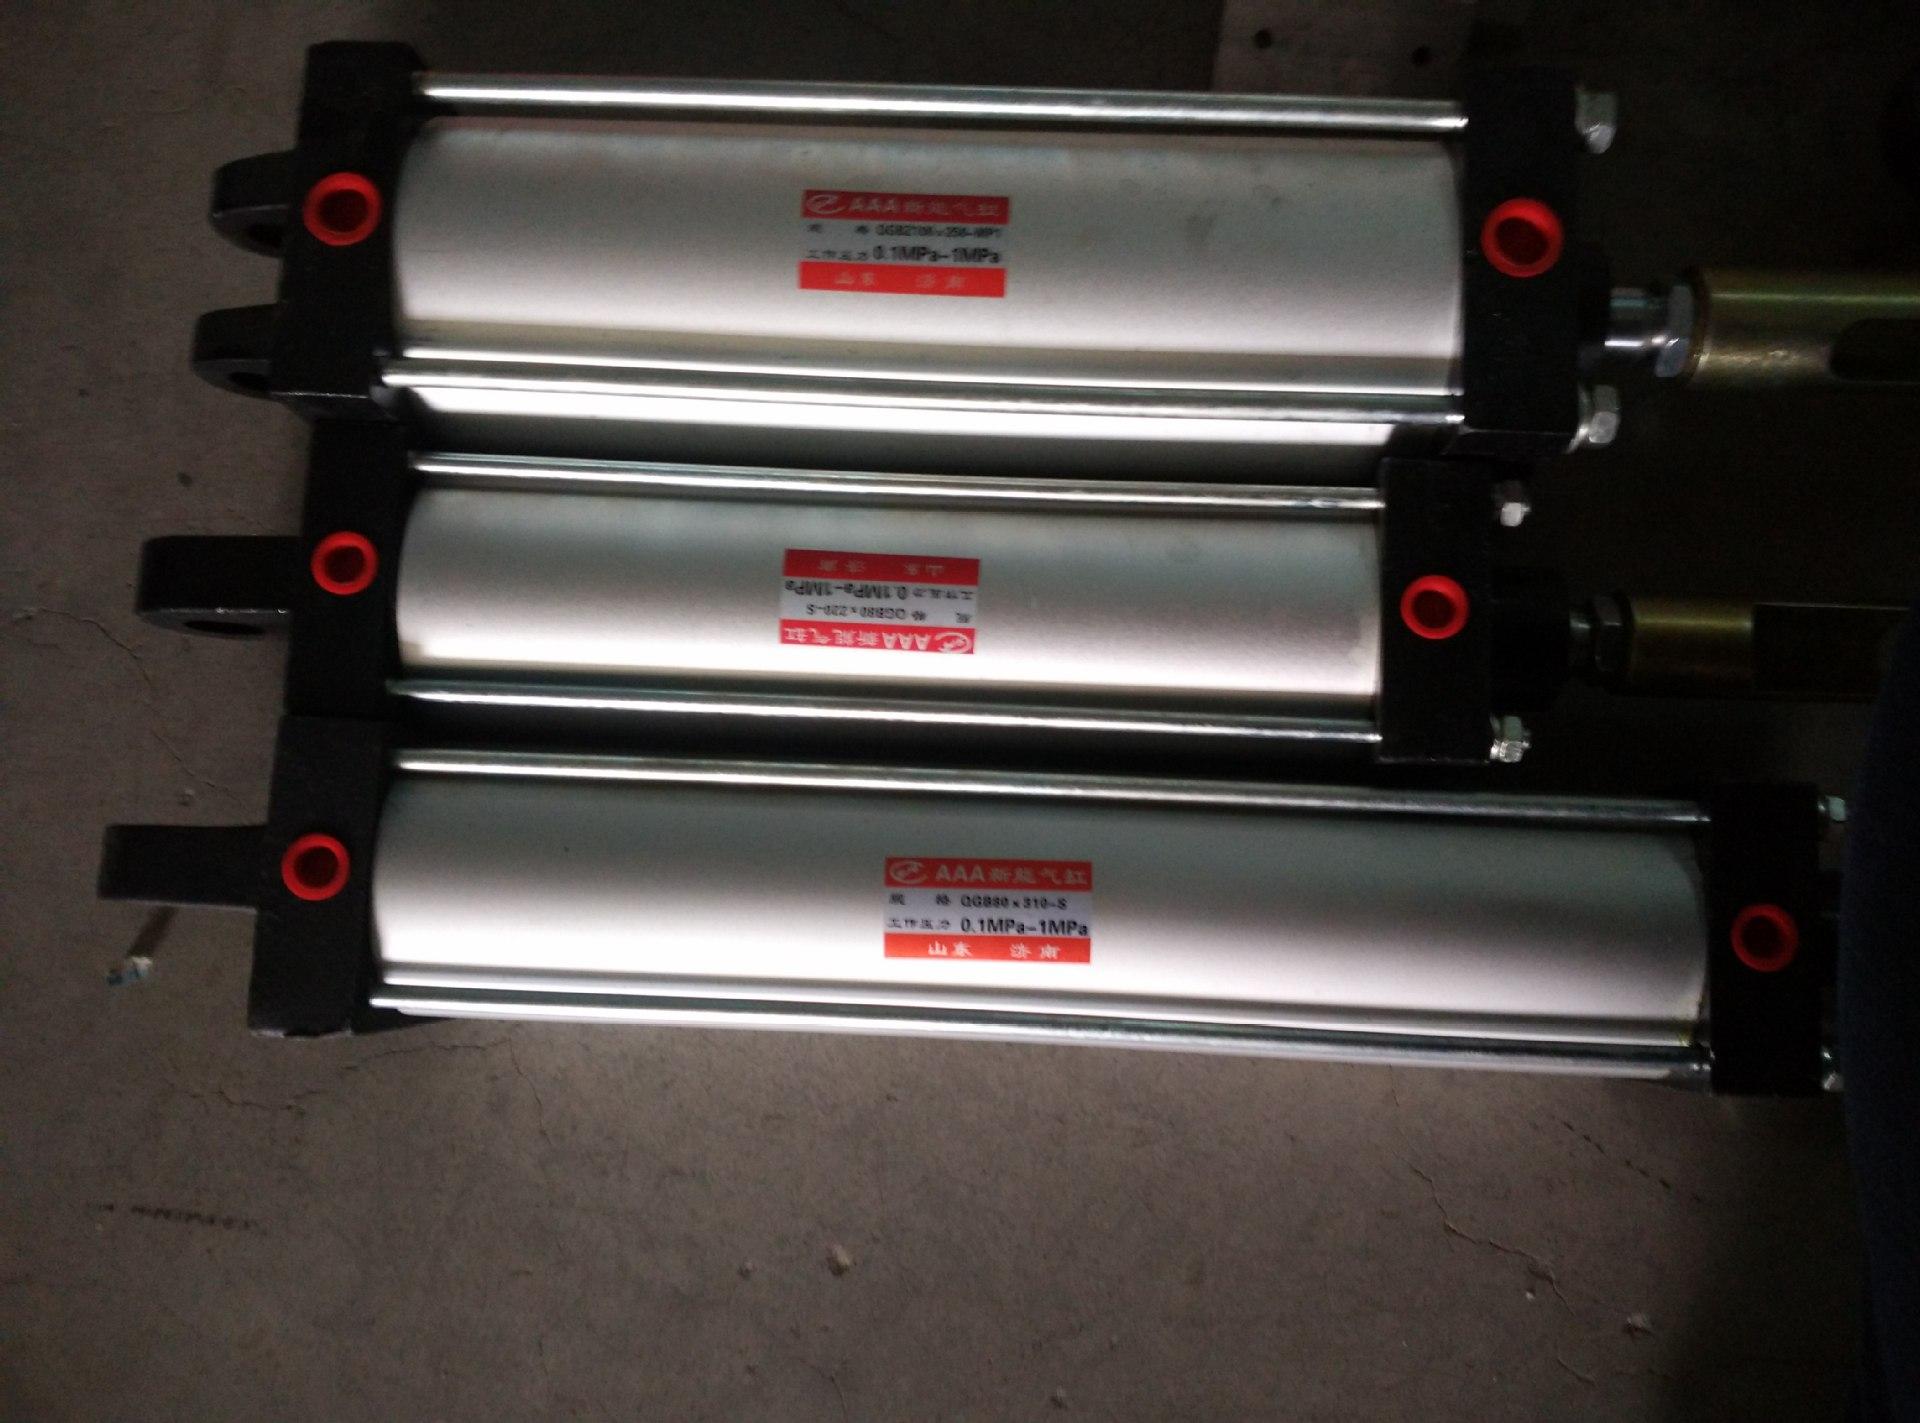 厂家直销亚德客气缸铝合金亚德客气缸非标定制大缸径大行程气缸